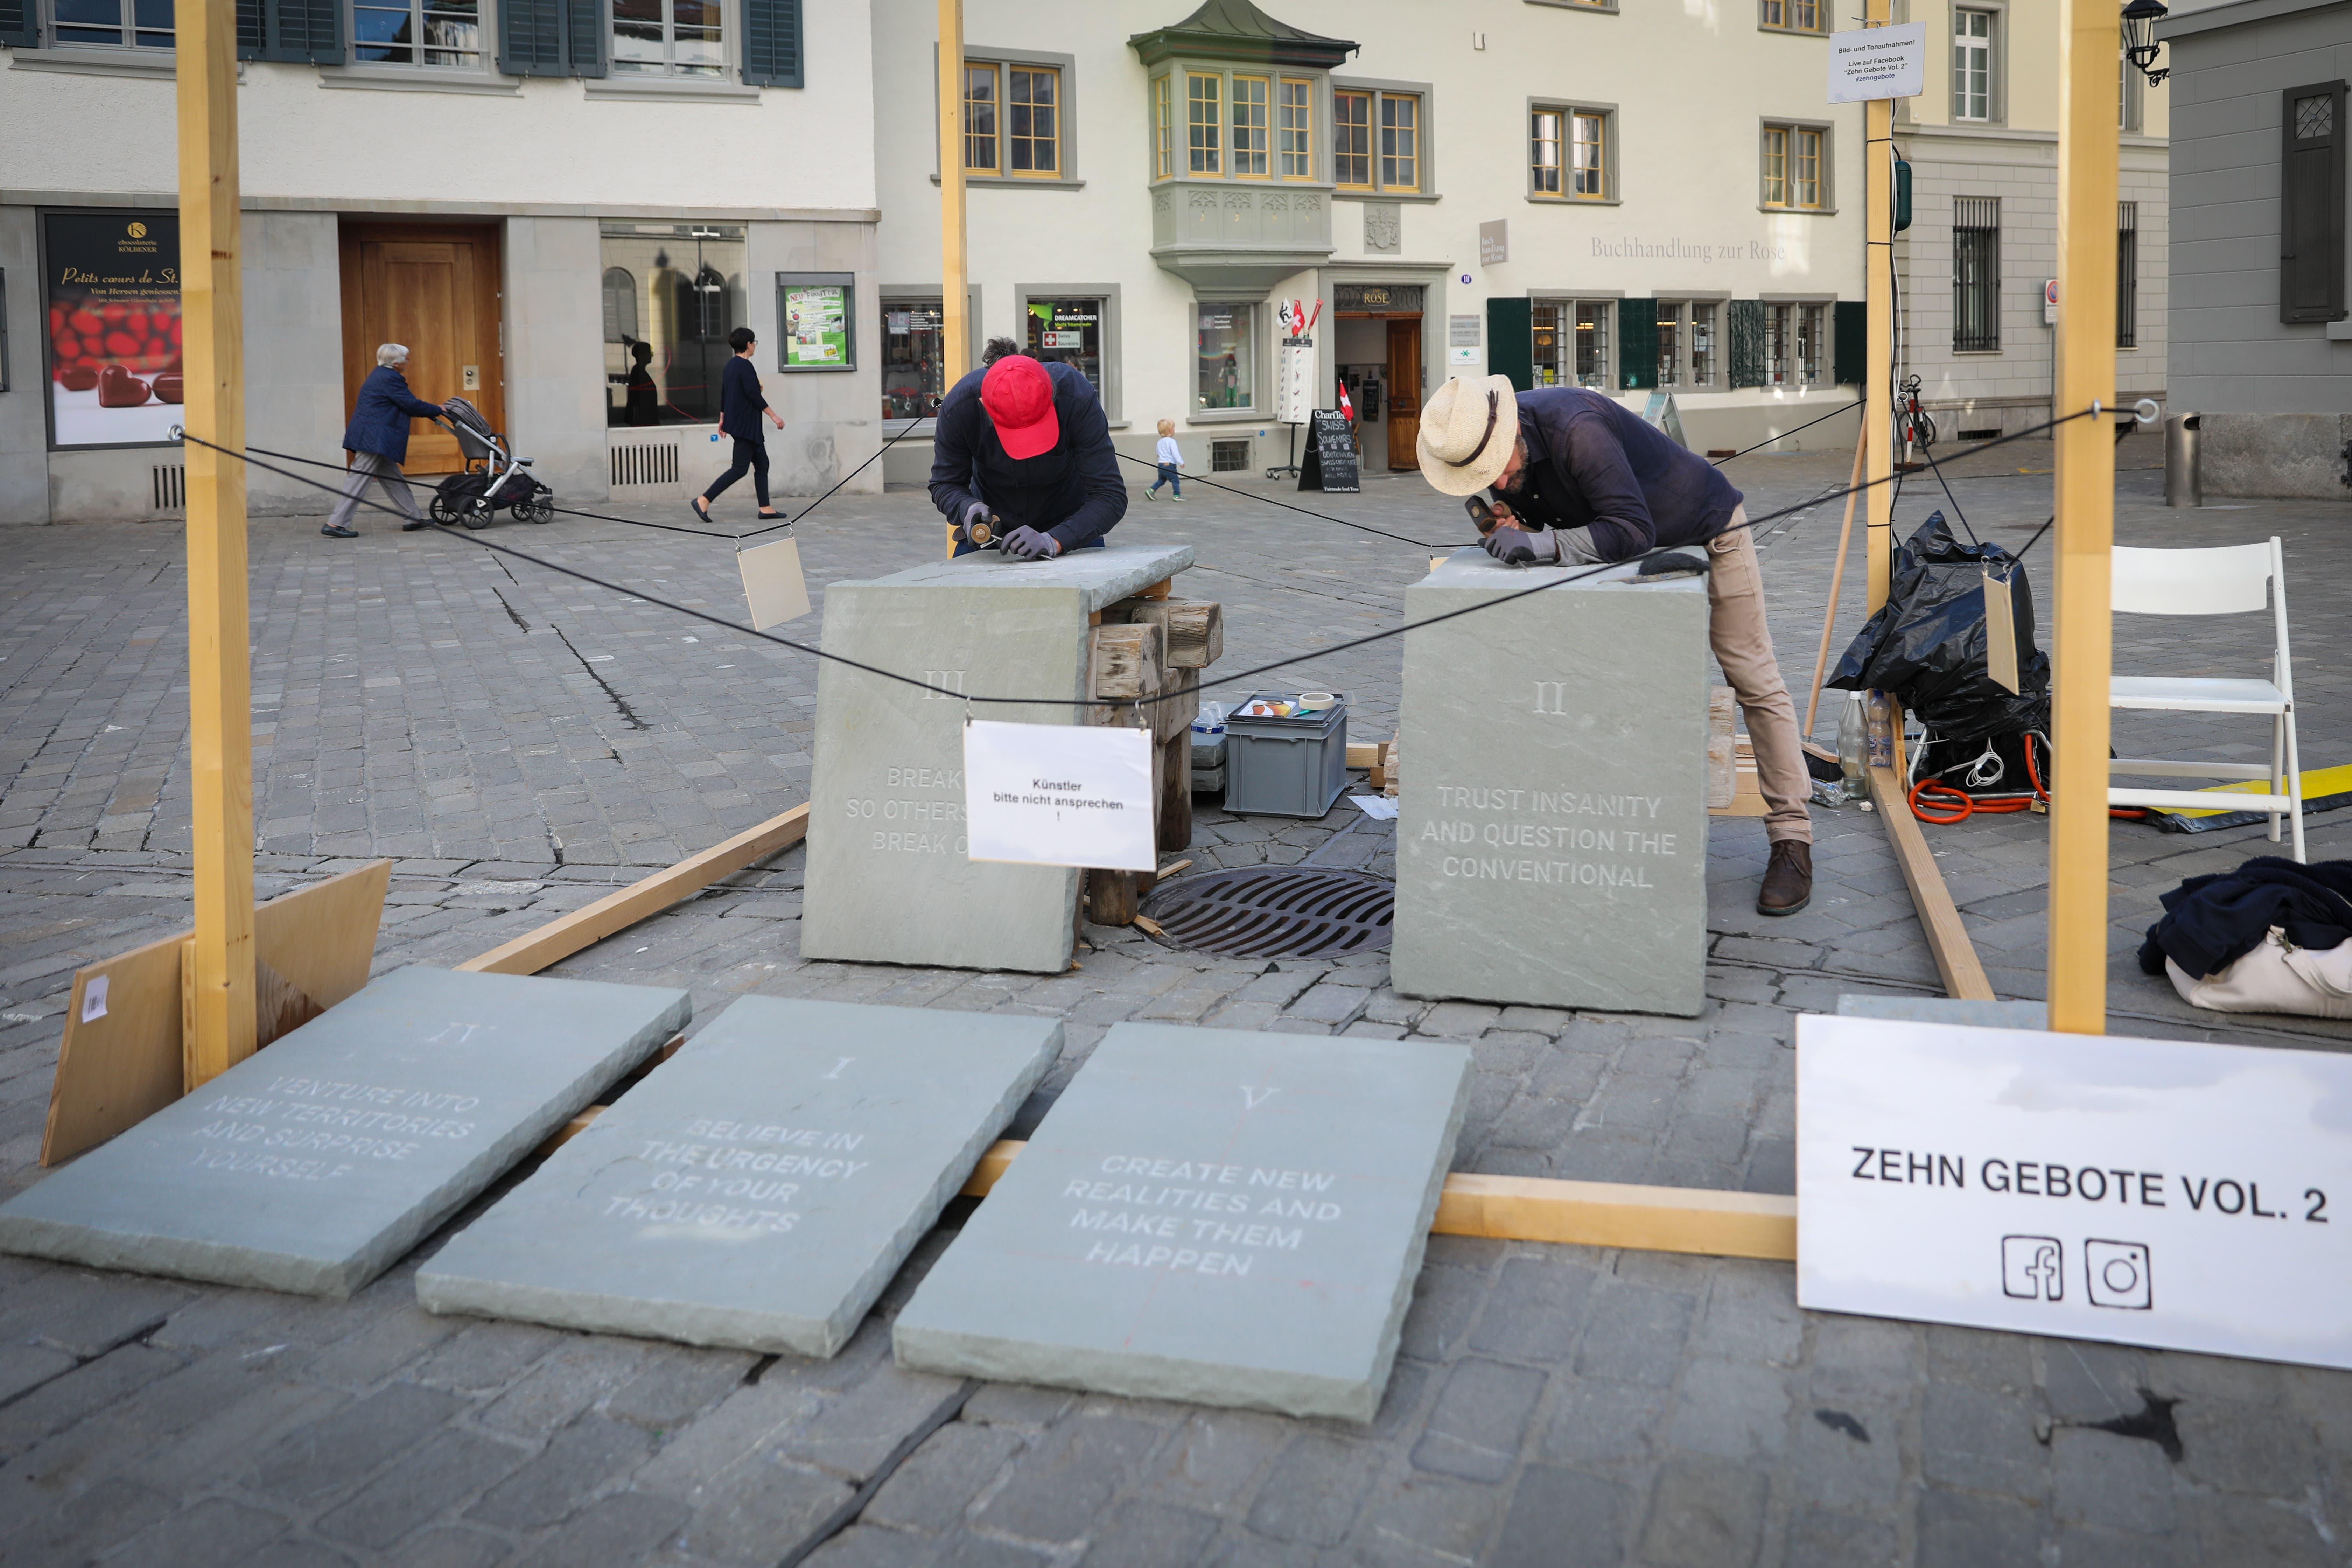 Die Freiluftwerkstatt der Riklins in der St.Galler Altstadt auf dem Platz an der Verzweigung der Gallusstrasse und Rosengasse.